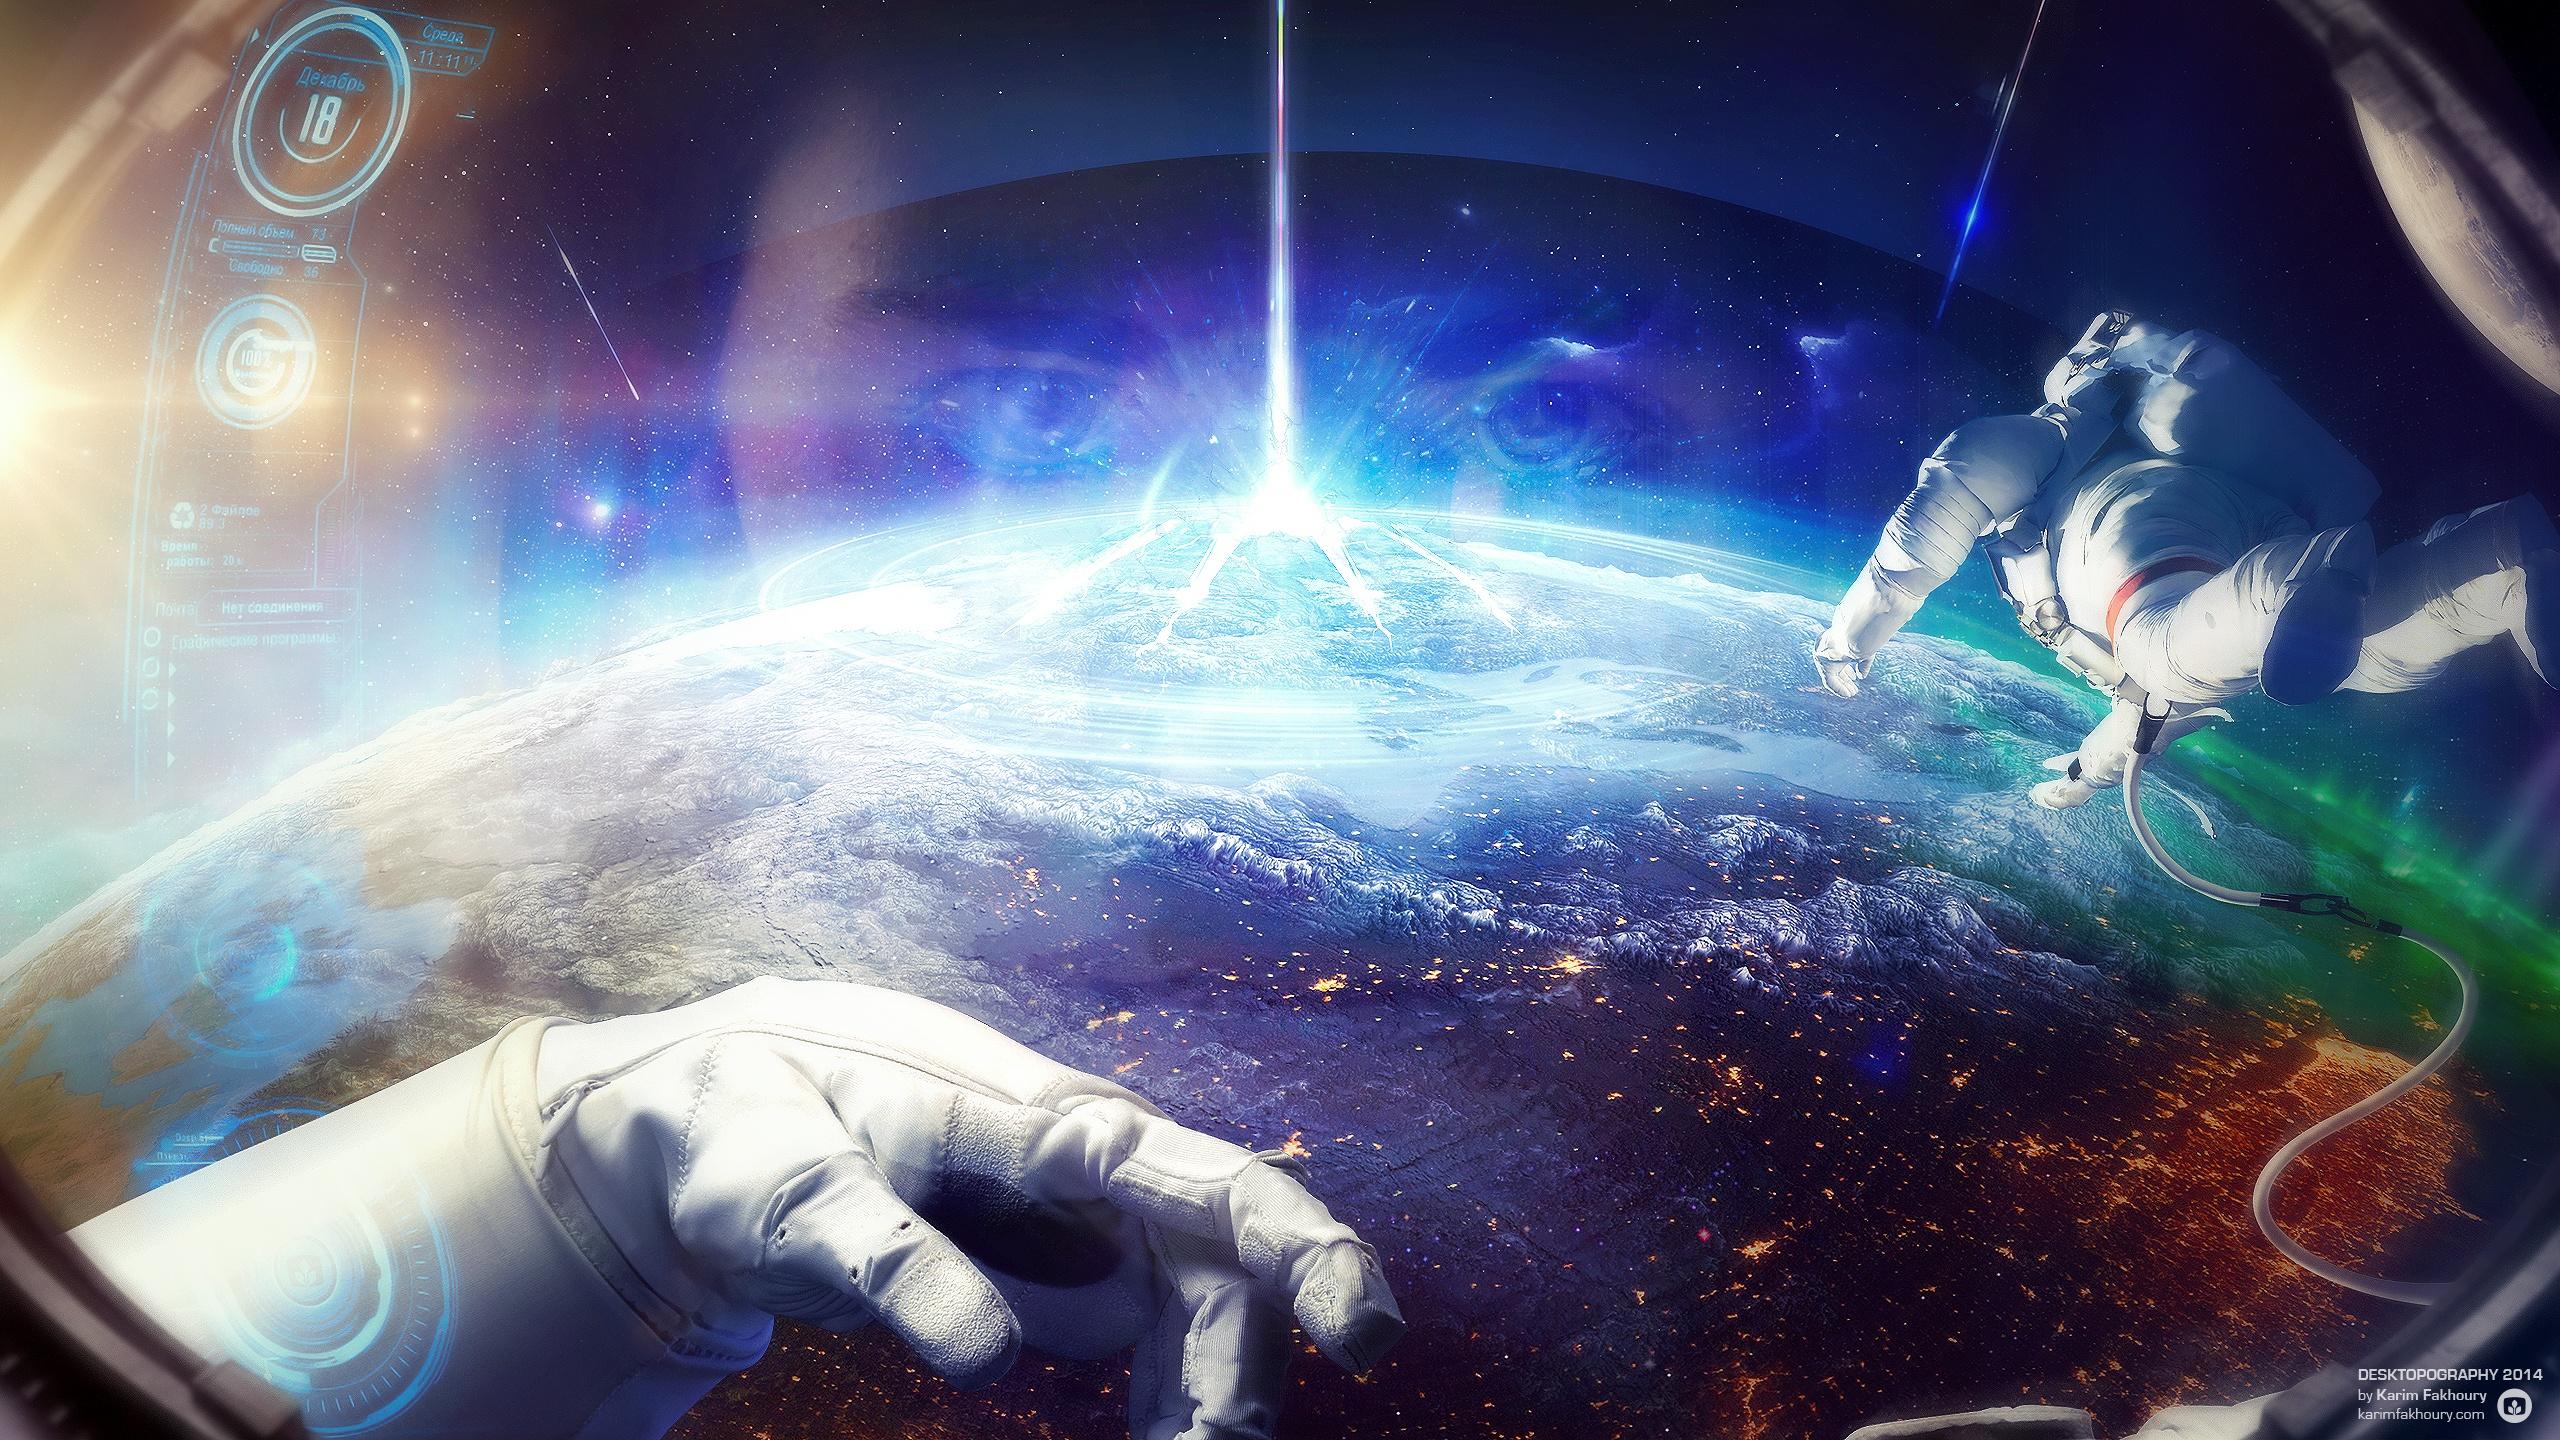 космос трава космонавт space grass astronaut скачать